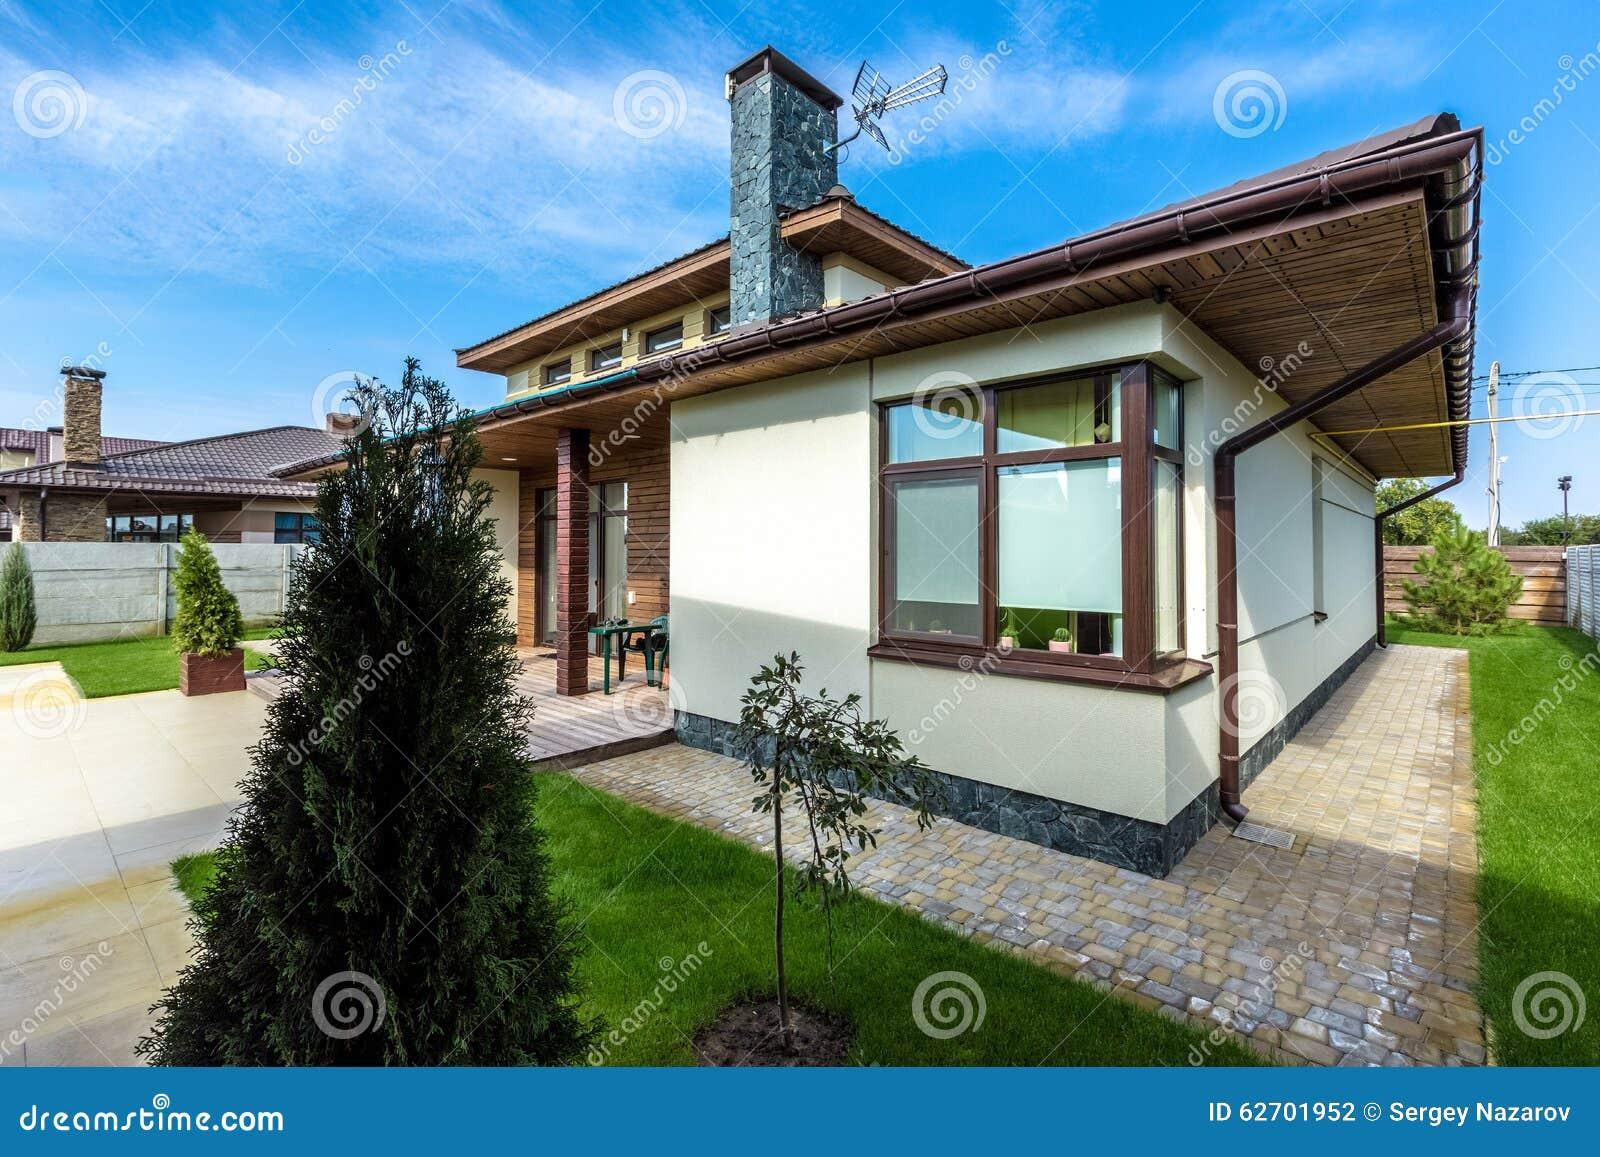 Download Schönes Modernes Haus Im Zement, Ansicht Vom Garten Stockfoto    Bild Von Modern,